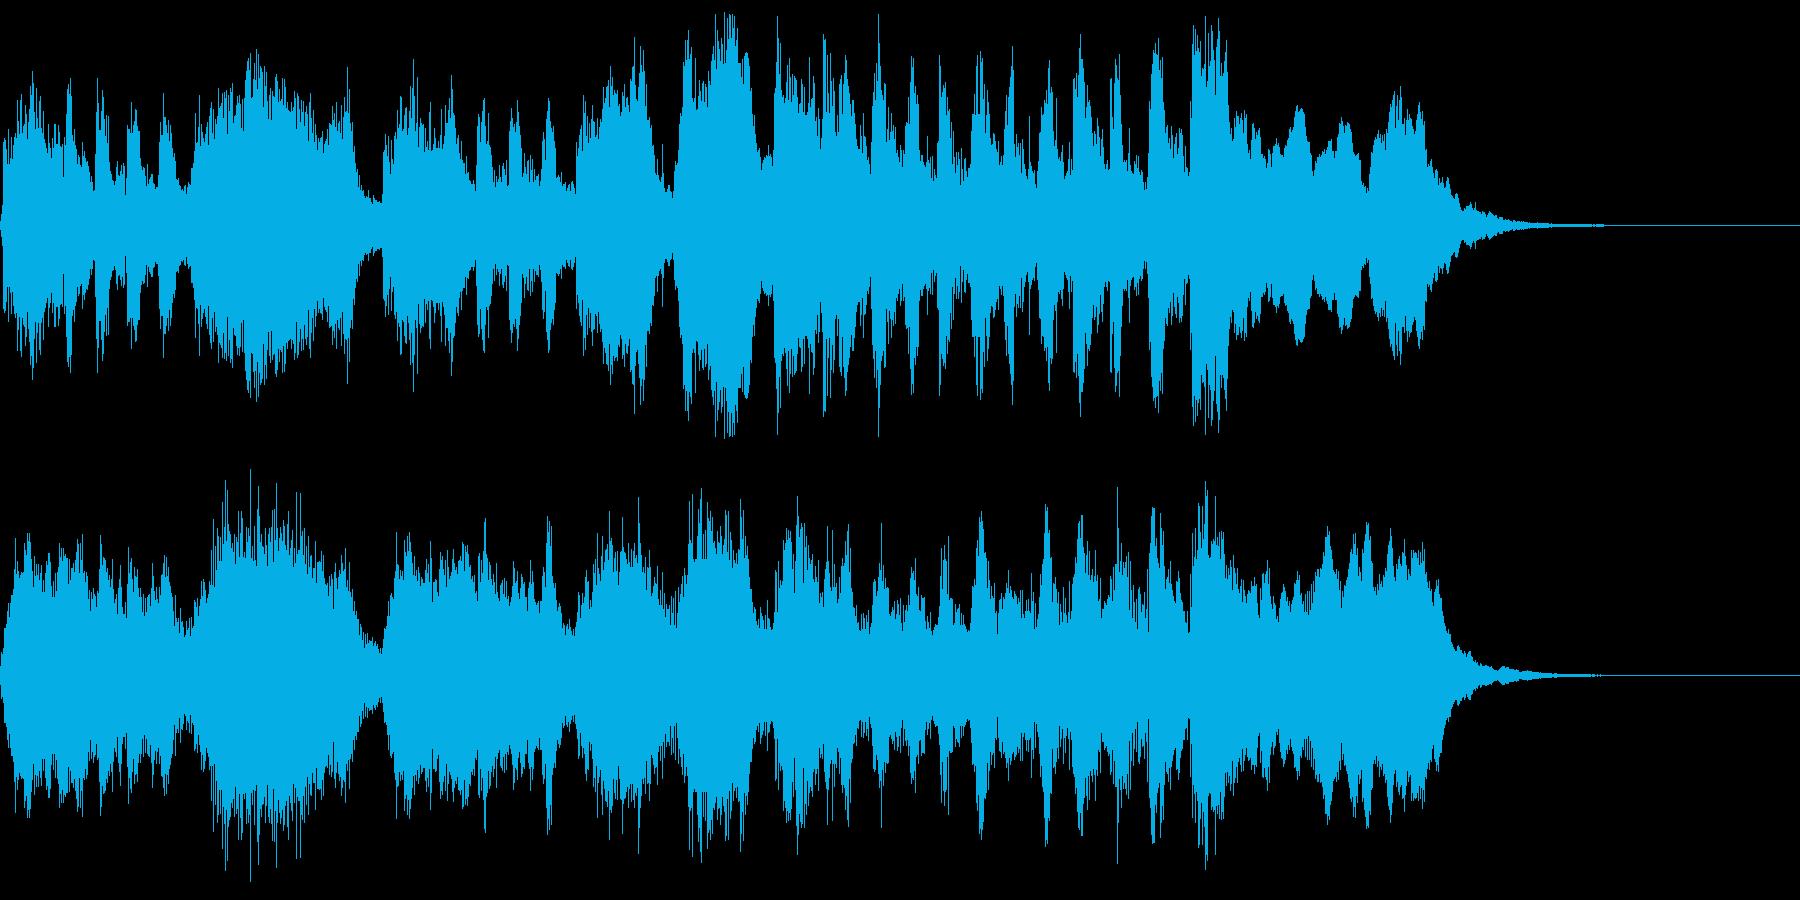 ファンファーレ 打楽器なしの再生済みの波形